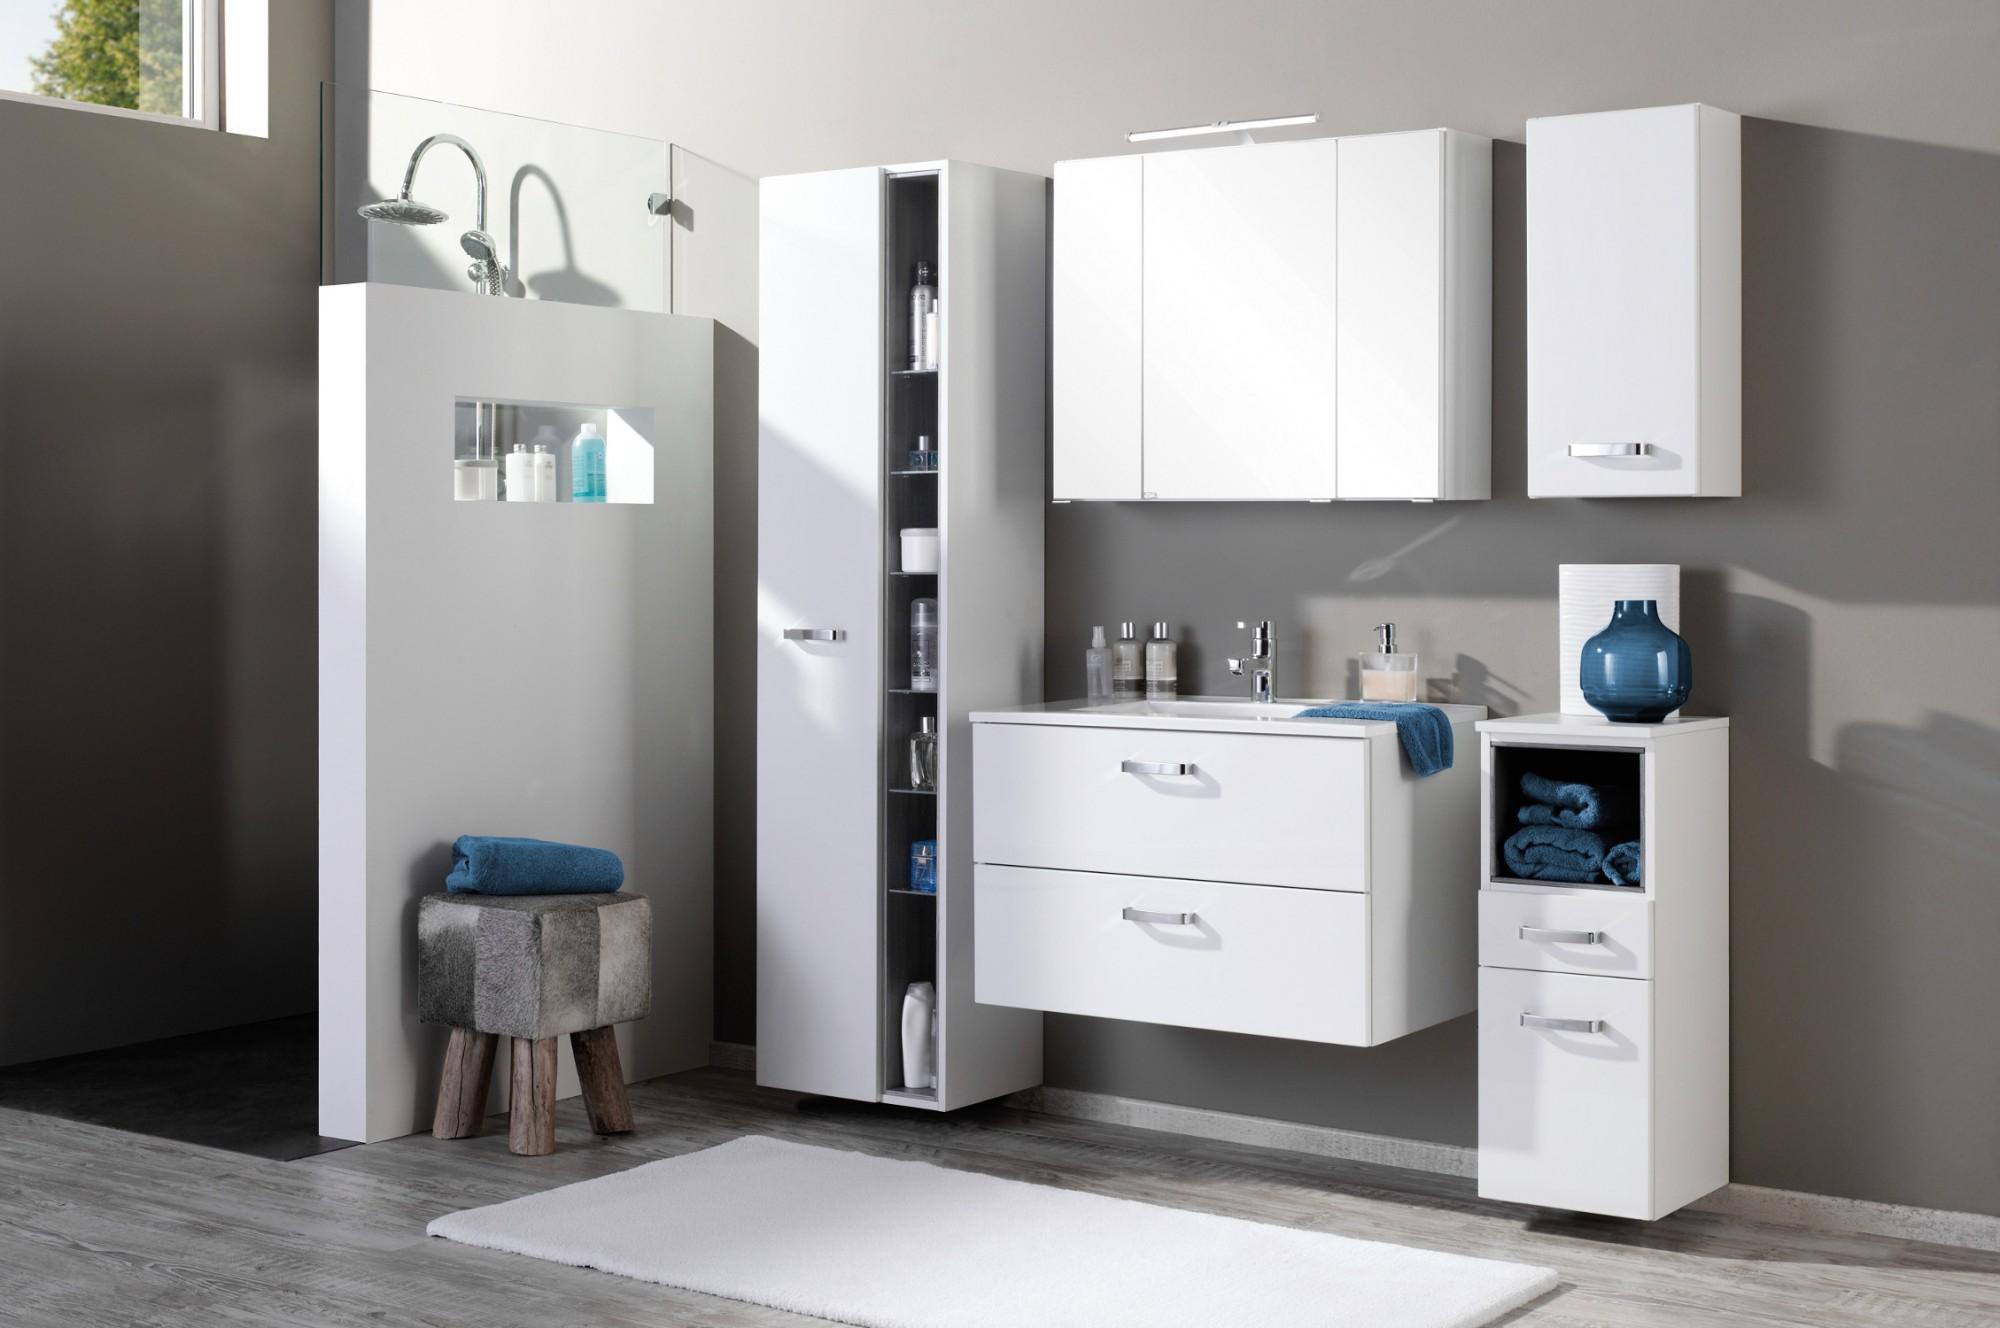 neu badezimmer hochschrank ancona badschrank seitenschrank 45 cm weiss ebay. Black Bedroom Furniture Sets. Home Design Ideas